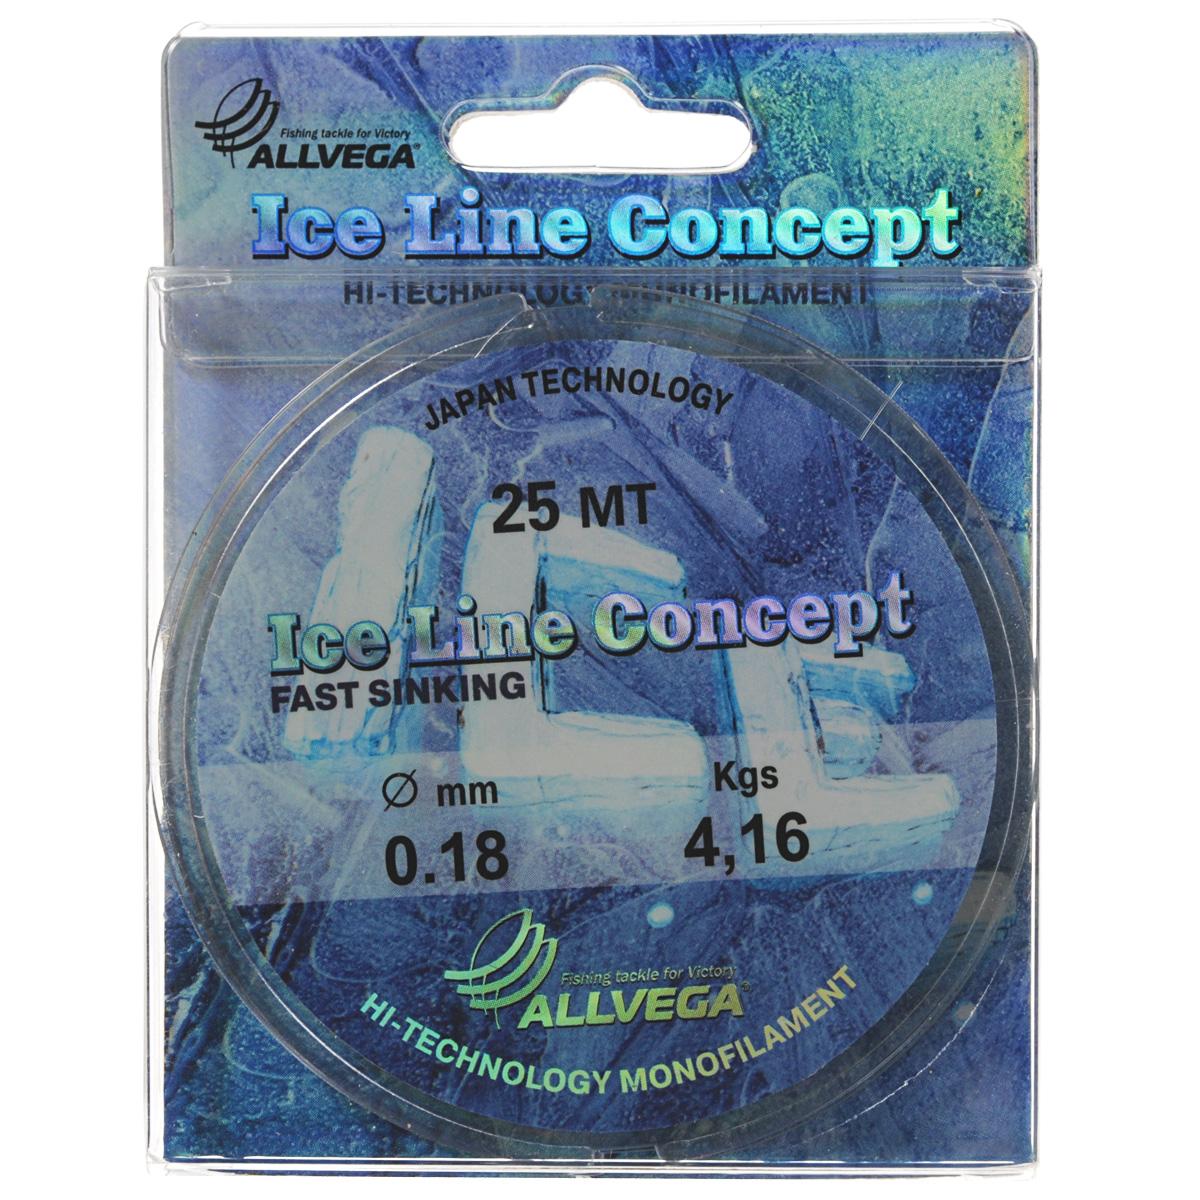 Леска Allvega Ice Line Concept, сечение 0,18 мм, длина 25 м39956Специальная зимняя леска Allvega Ice Line Concept для низких температур. Прозрачная и высокопрочная. Отсутствие механической памяти, позволяет с успехом использовать ее для ловли на мормышку.